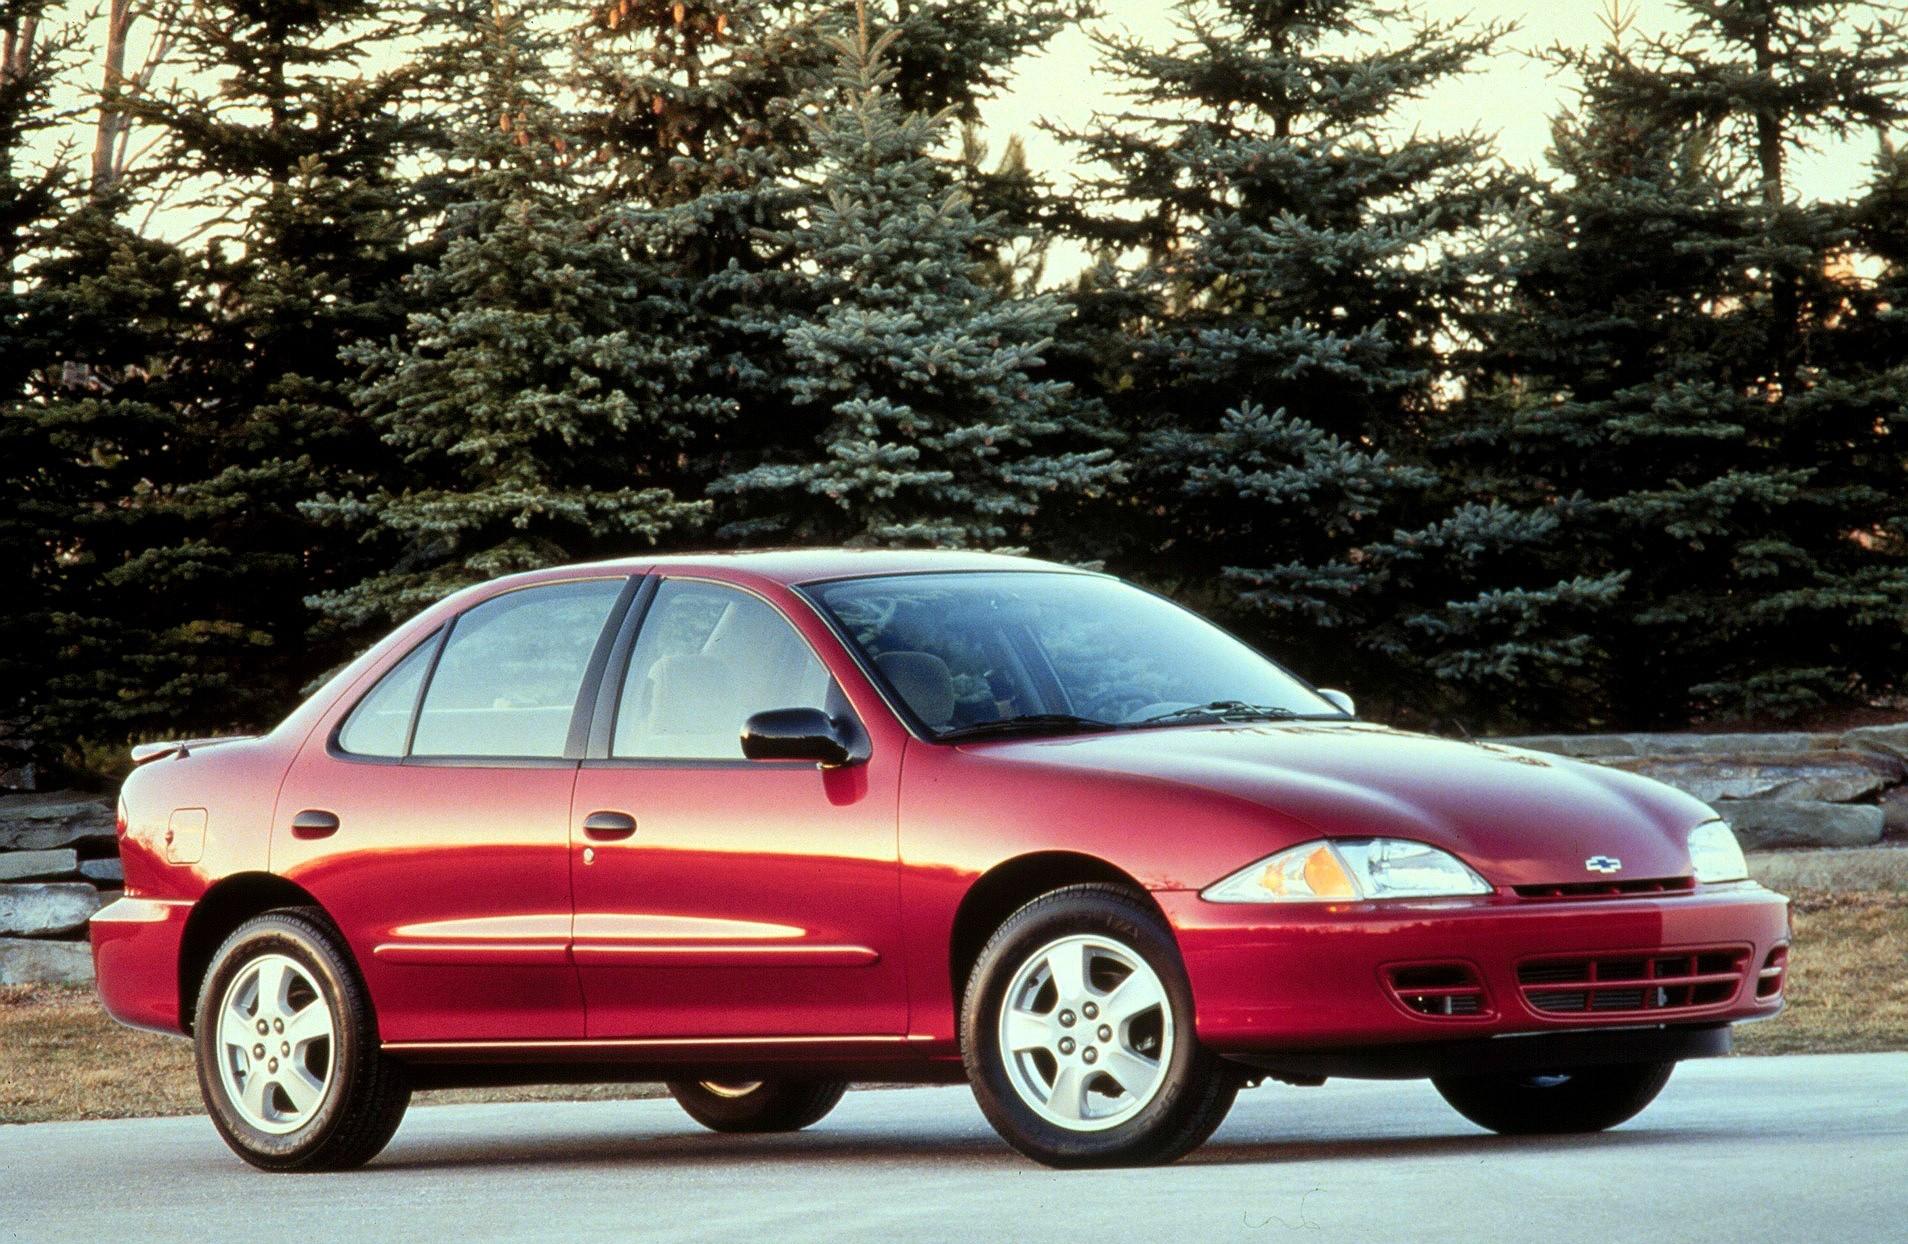 Chevrolet Cavalier Specs Amp Photos 1994 1995 1996 1997